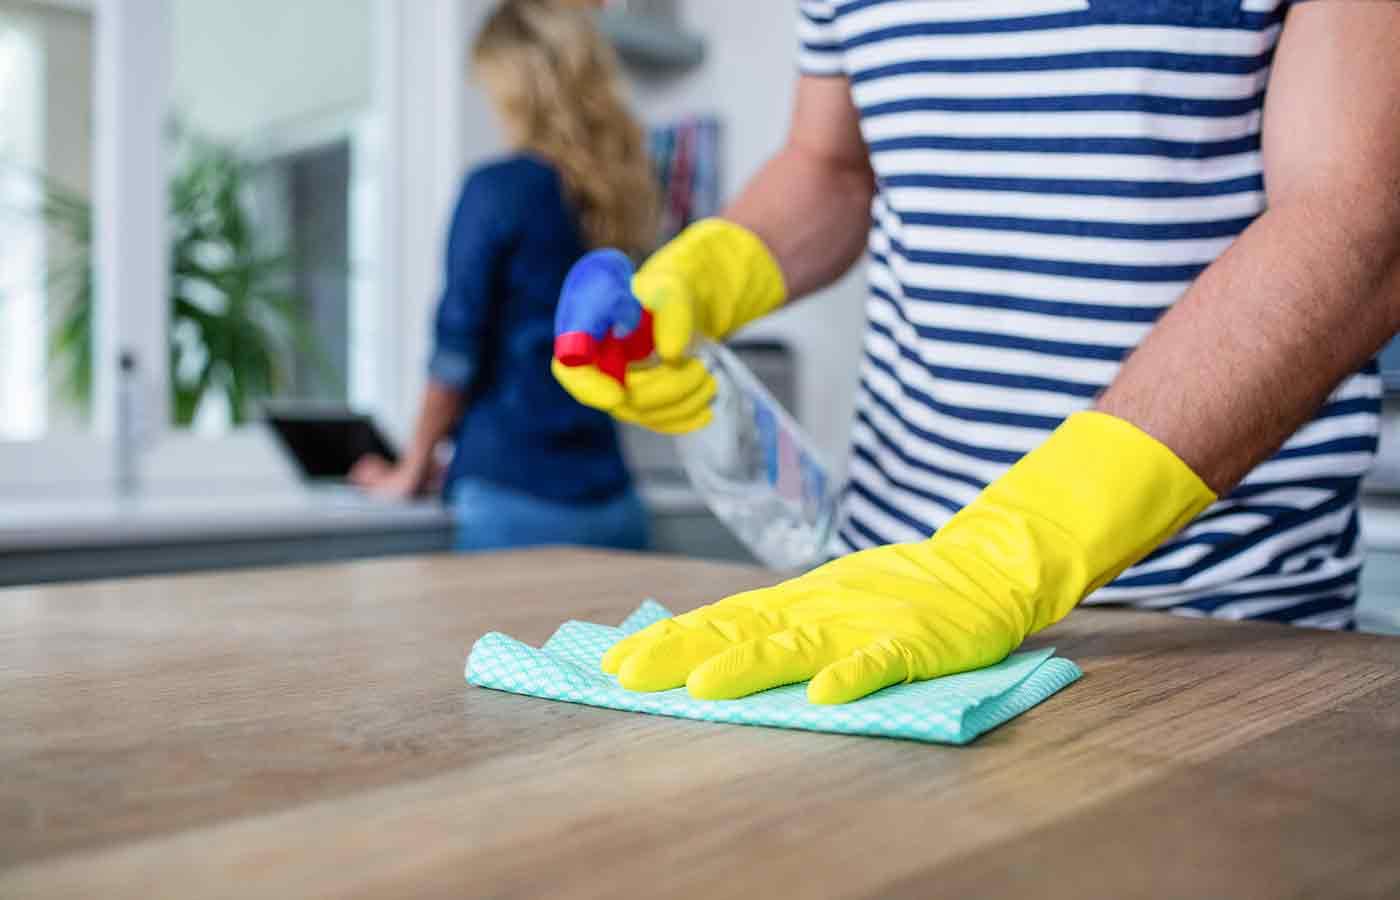 Trucos sencillos de limpieza con loq ue ahorraras tiempo y dinero